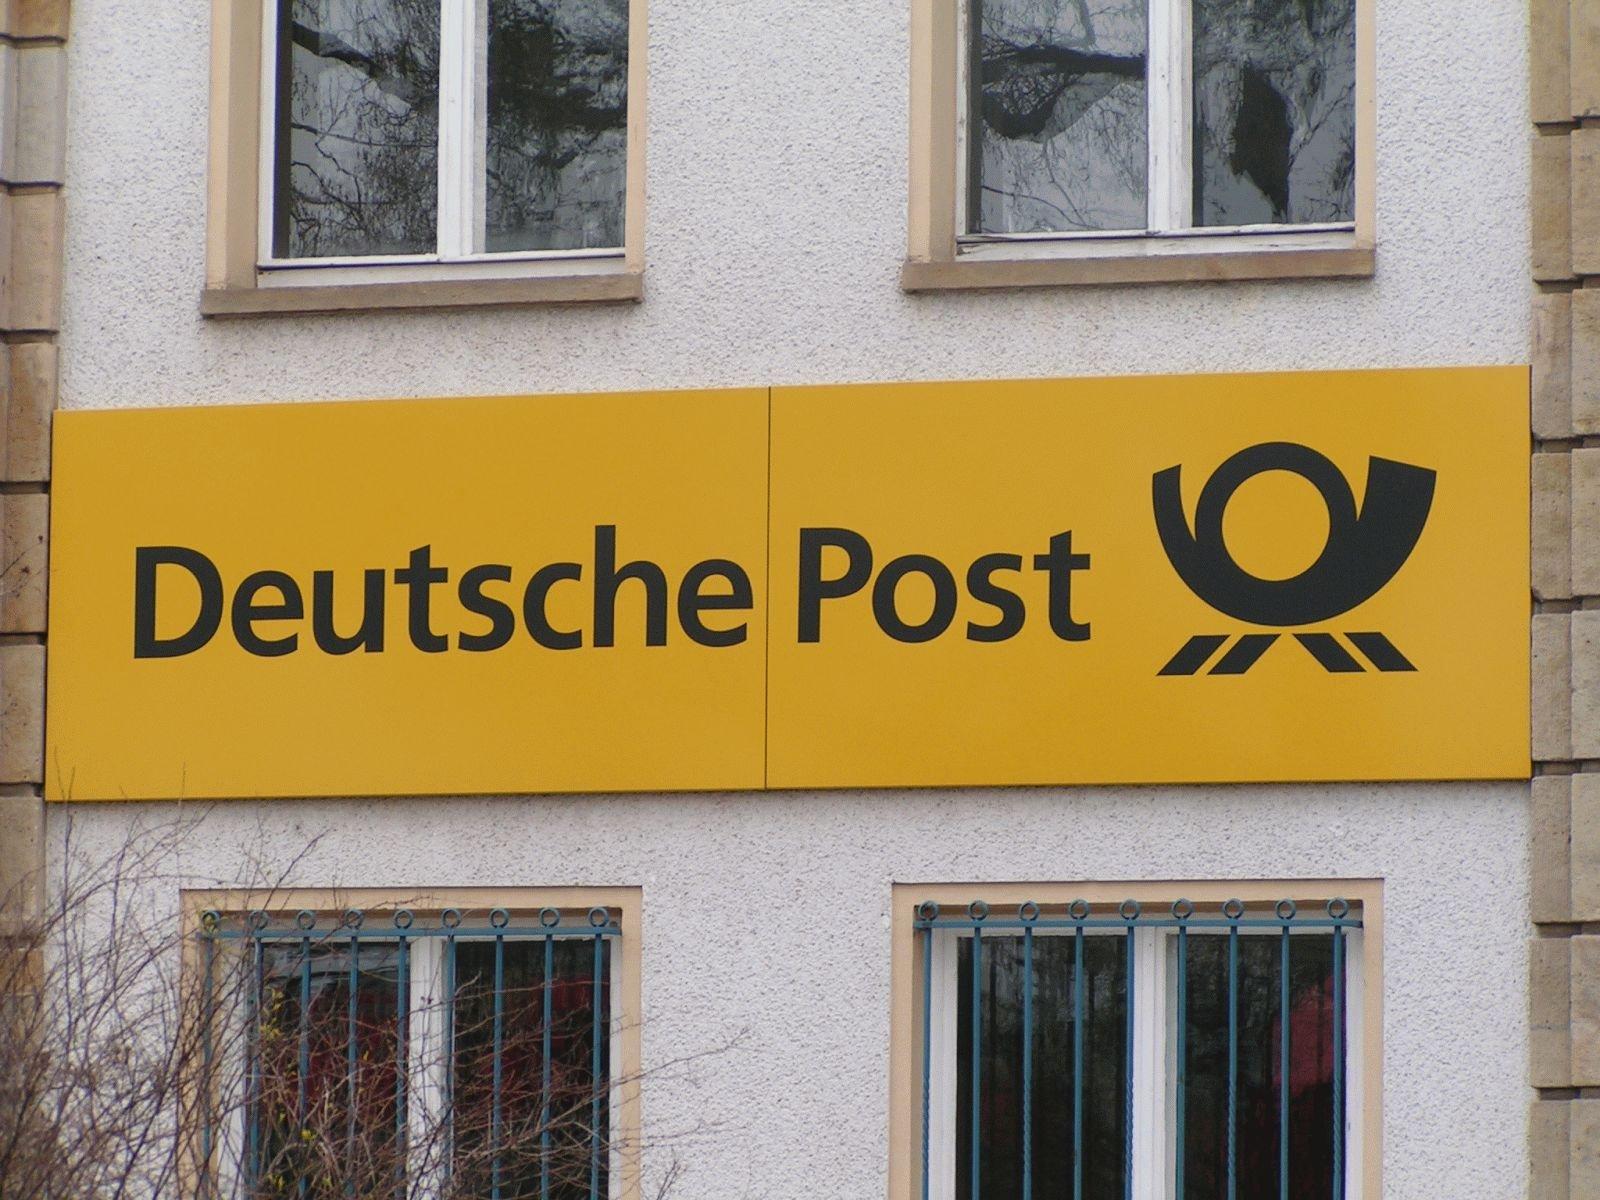 ВГермании испытывают роботов для помощи почтальонам